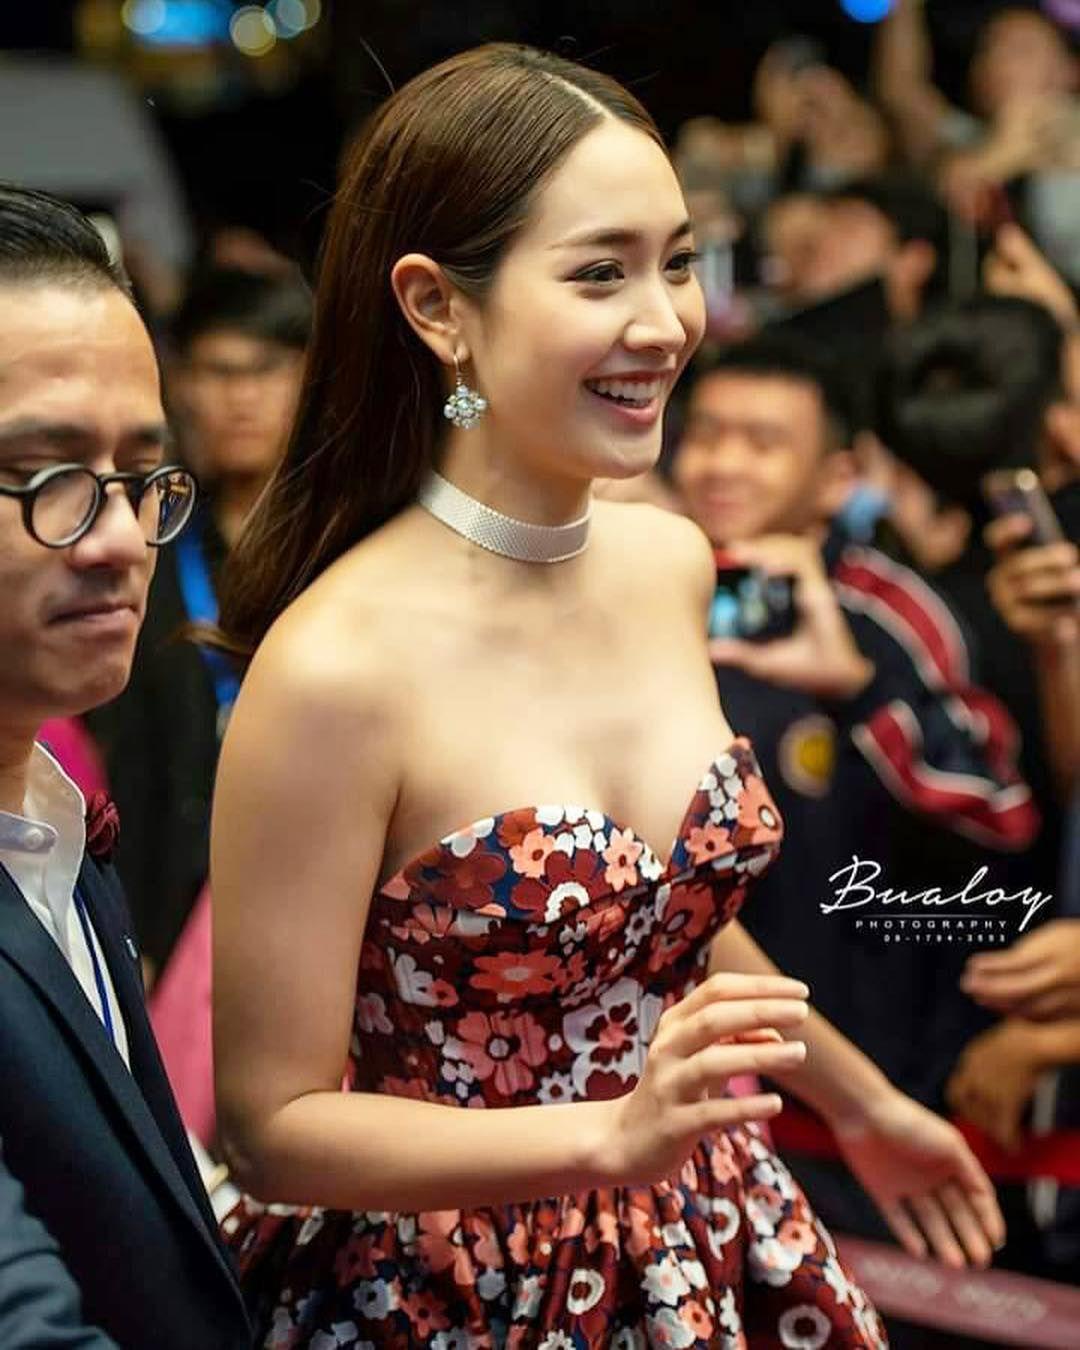 สวย Minpechaya ขอบค ณเจ าของภาพ Minpechaya Minnieclub ม นพ ชญา สวย Thailand สวย นางแบบ คนด ง